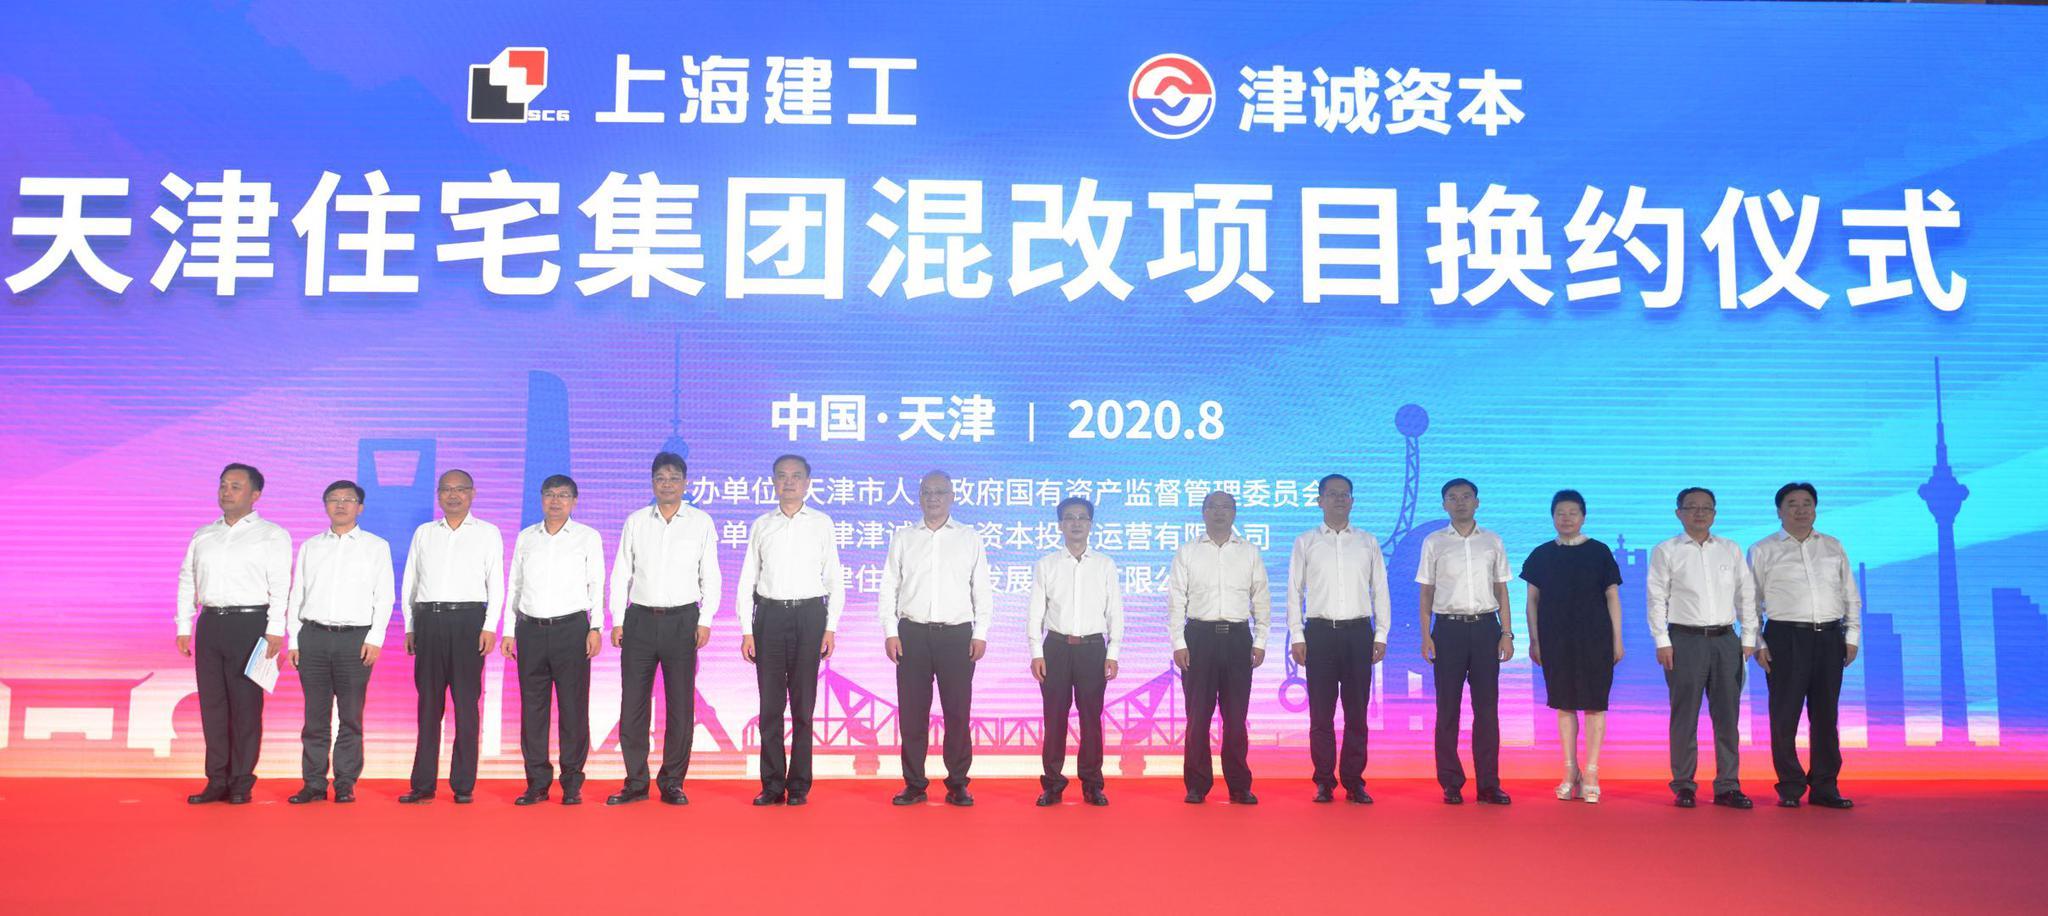 上海建工集团加速全国化布局 成功参与天津住宅集团混改